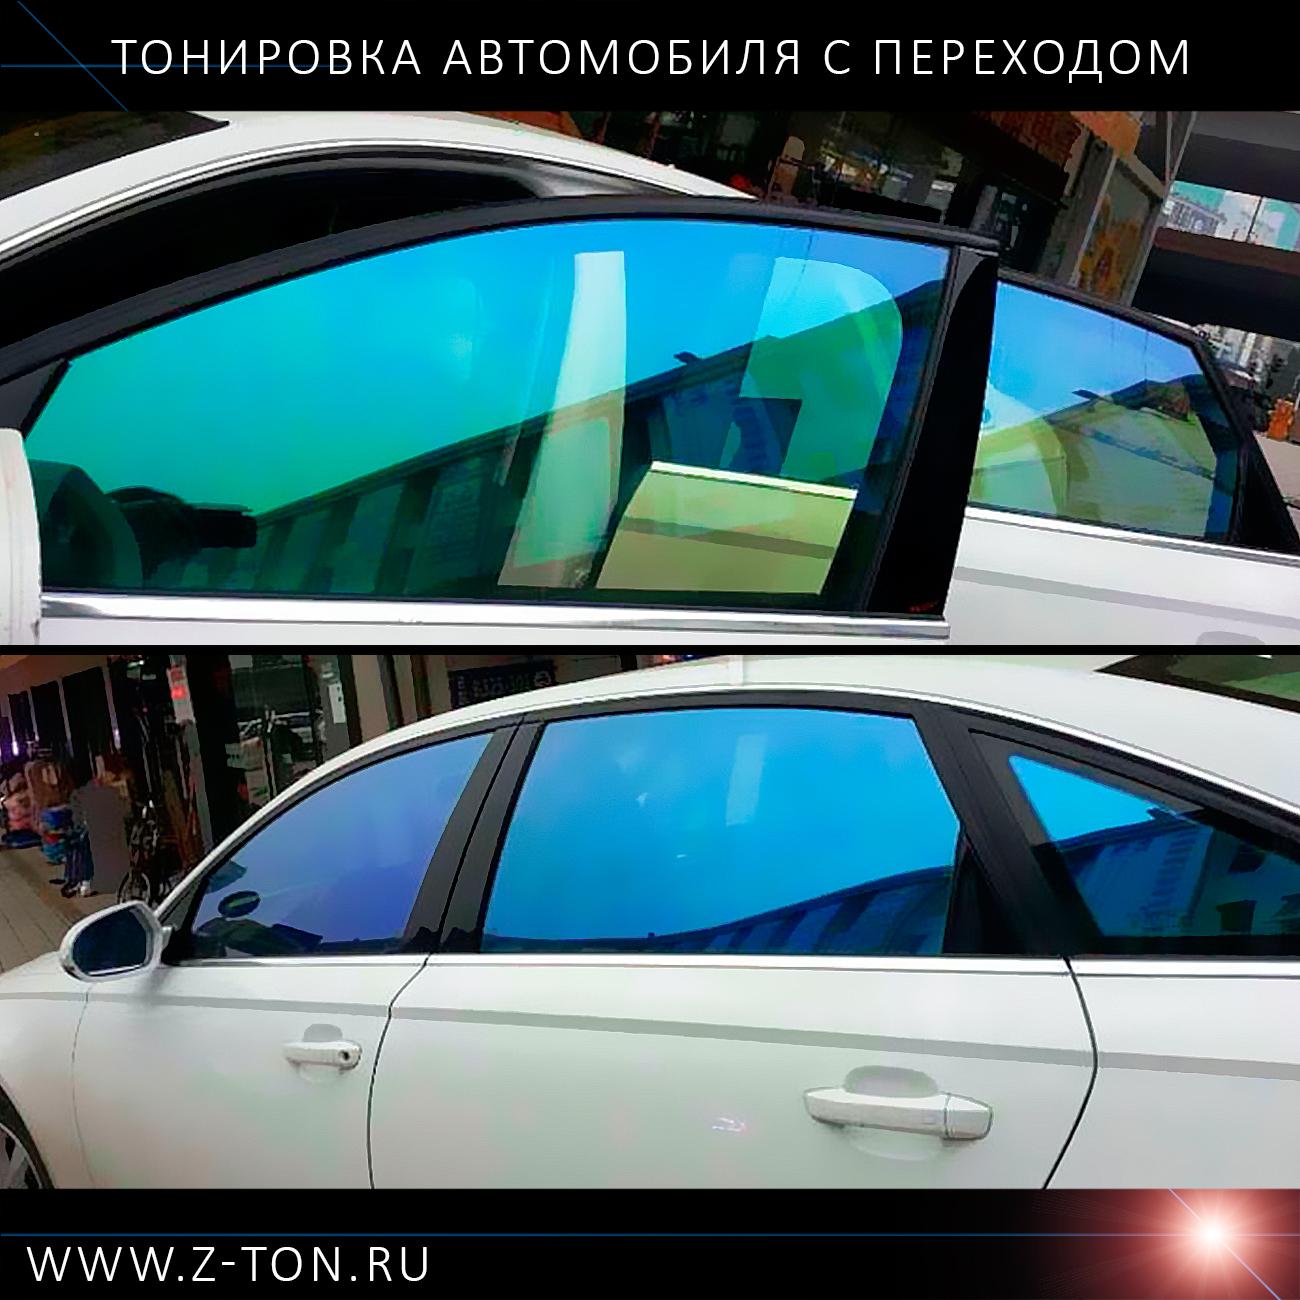 Тонировка с переходом в Зеленограде (Андреевка, Крюково, Москва)